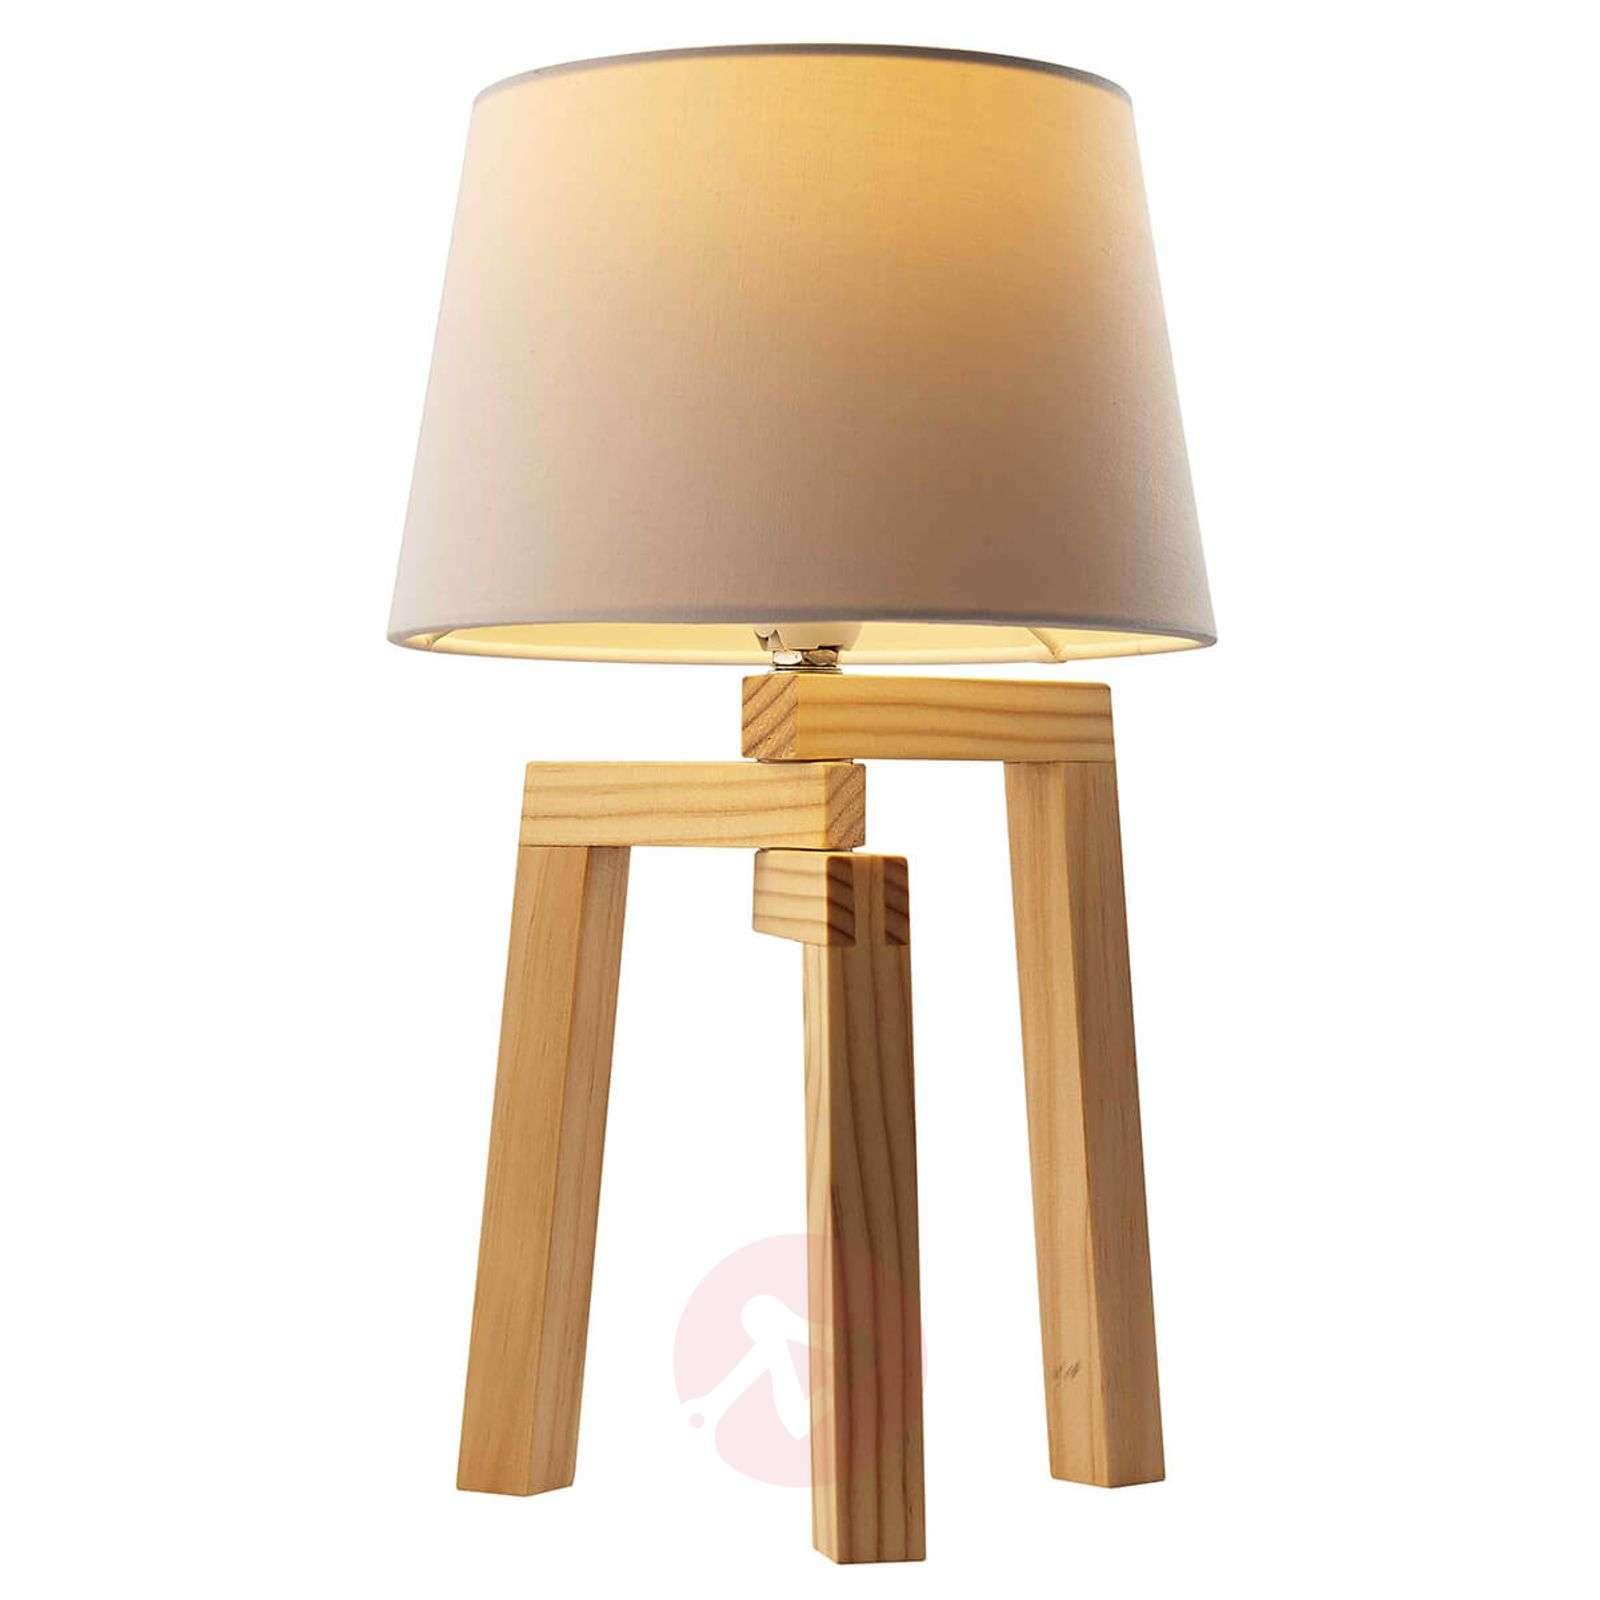 Kolmijalkainen Montana-pöytälamppu vaaleaa tammea-7007640-01